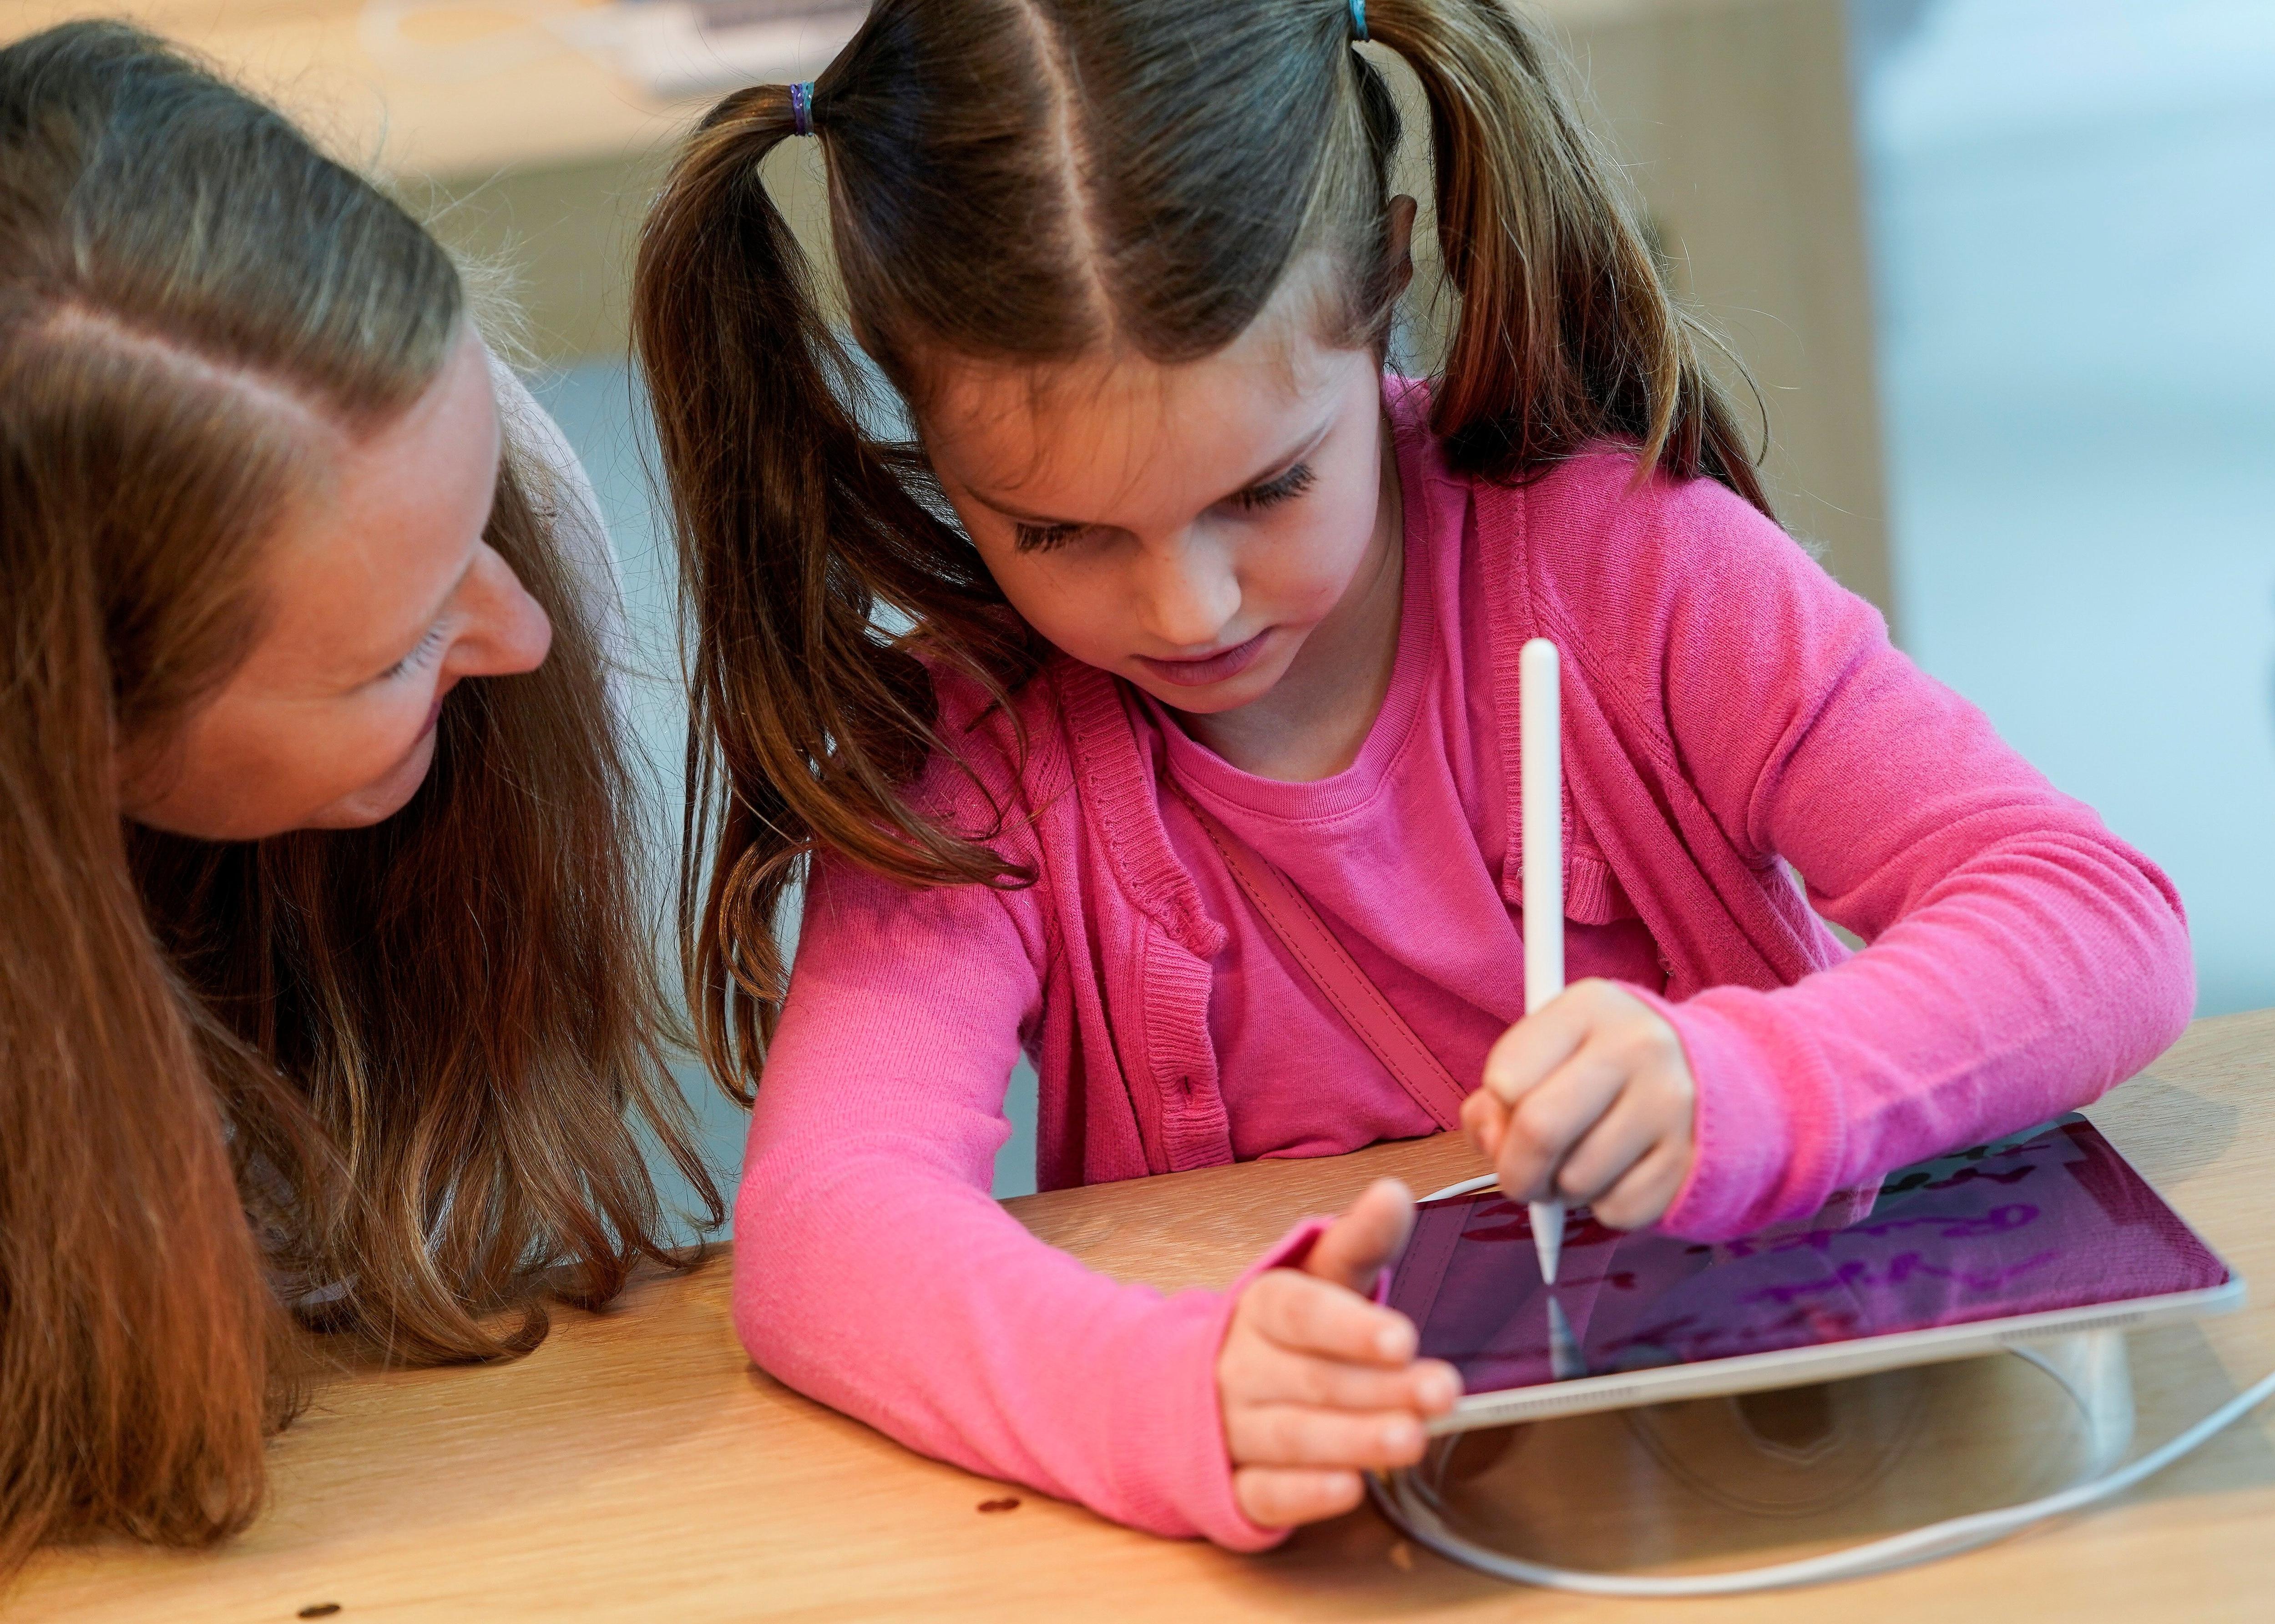 Los niños aún pueden disfrutar de un iPad que, para un adulto, ya cumplió su vida útil. REUTERS/Joshua Roberts/File Photo